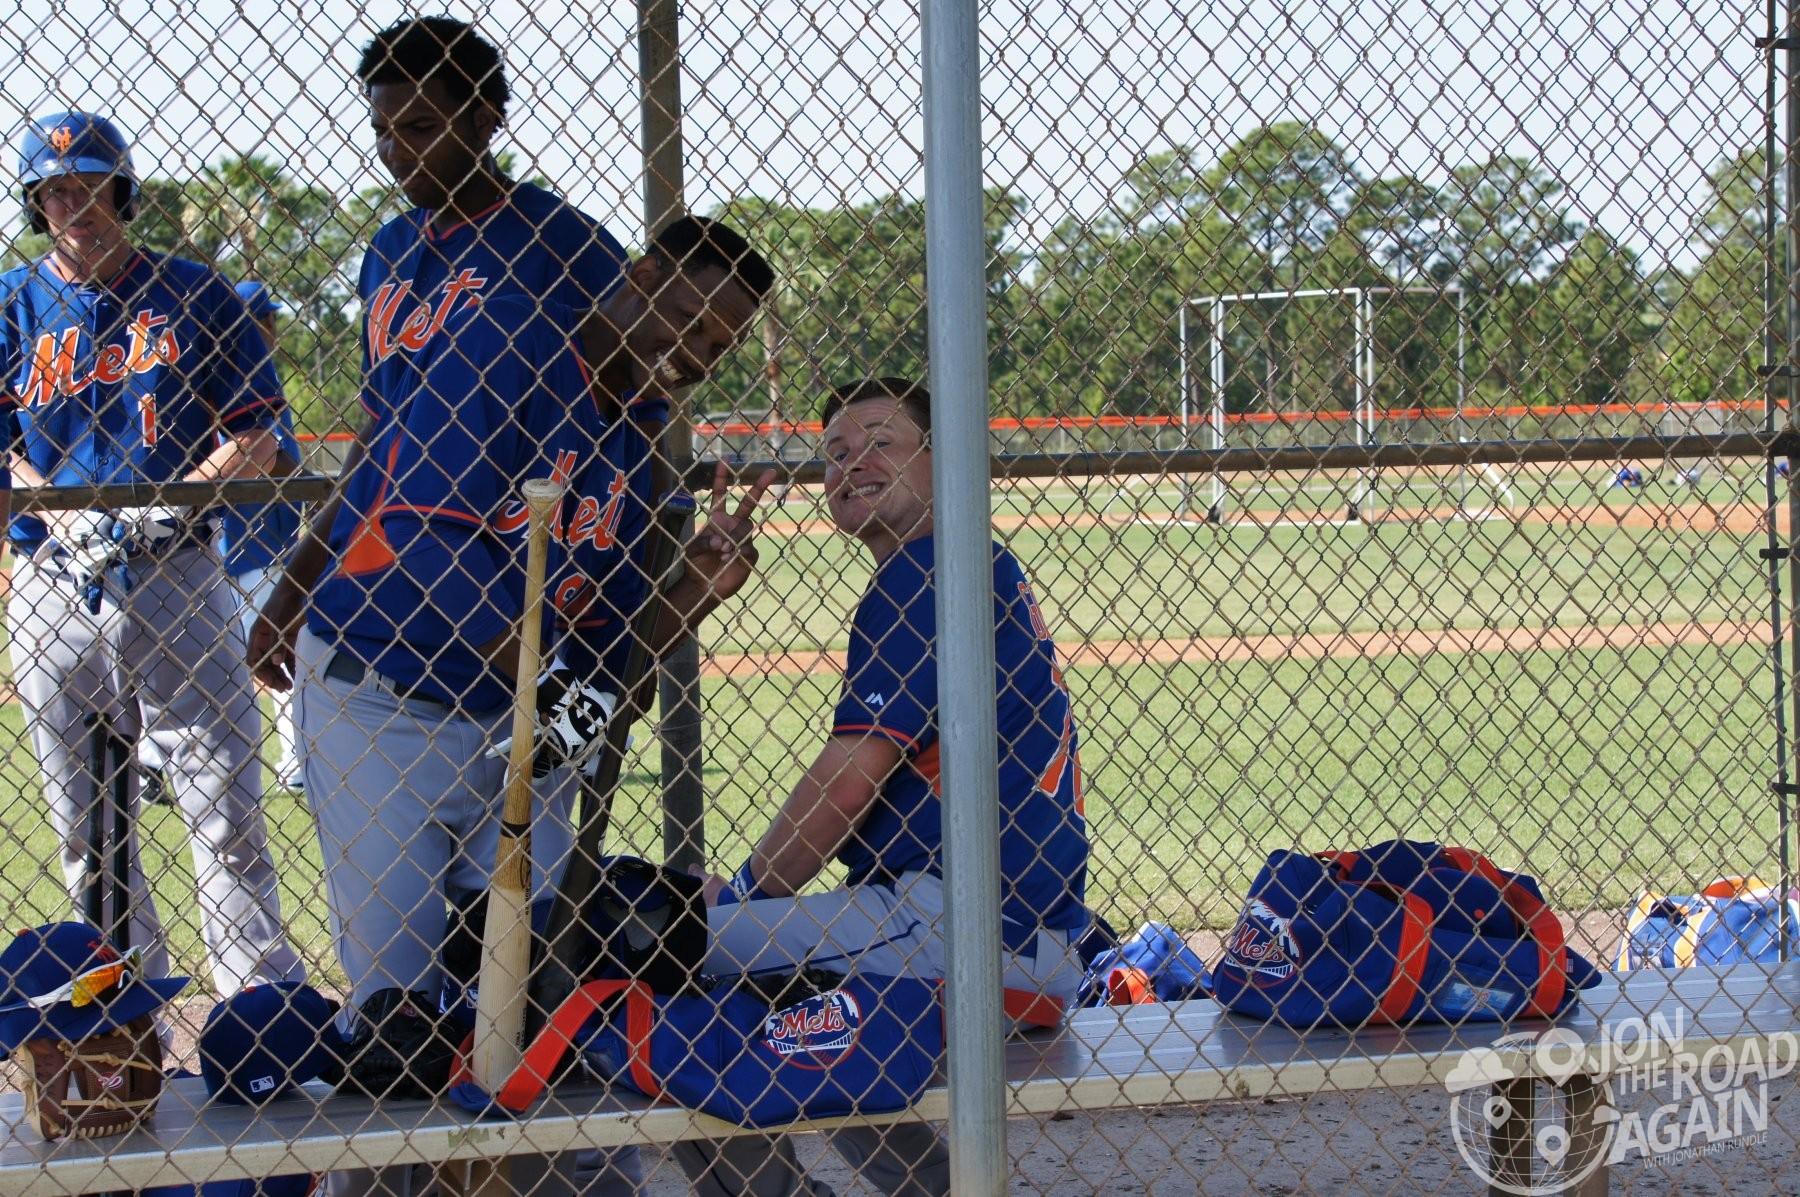 Mets Clowning Around